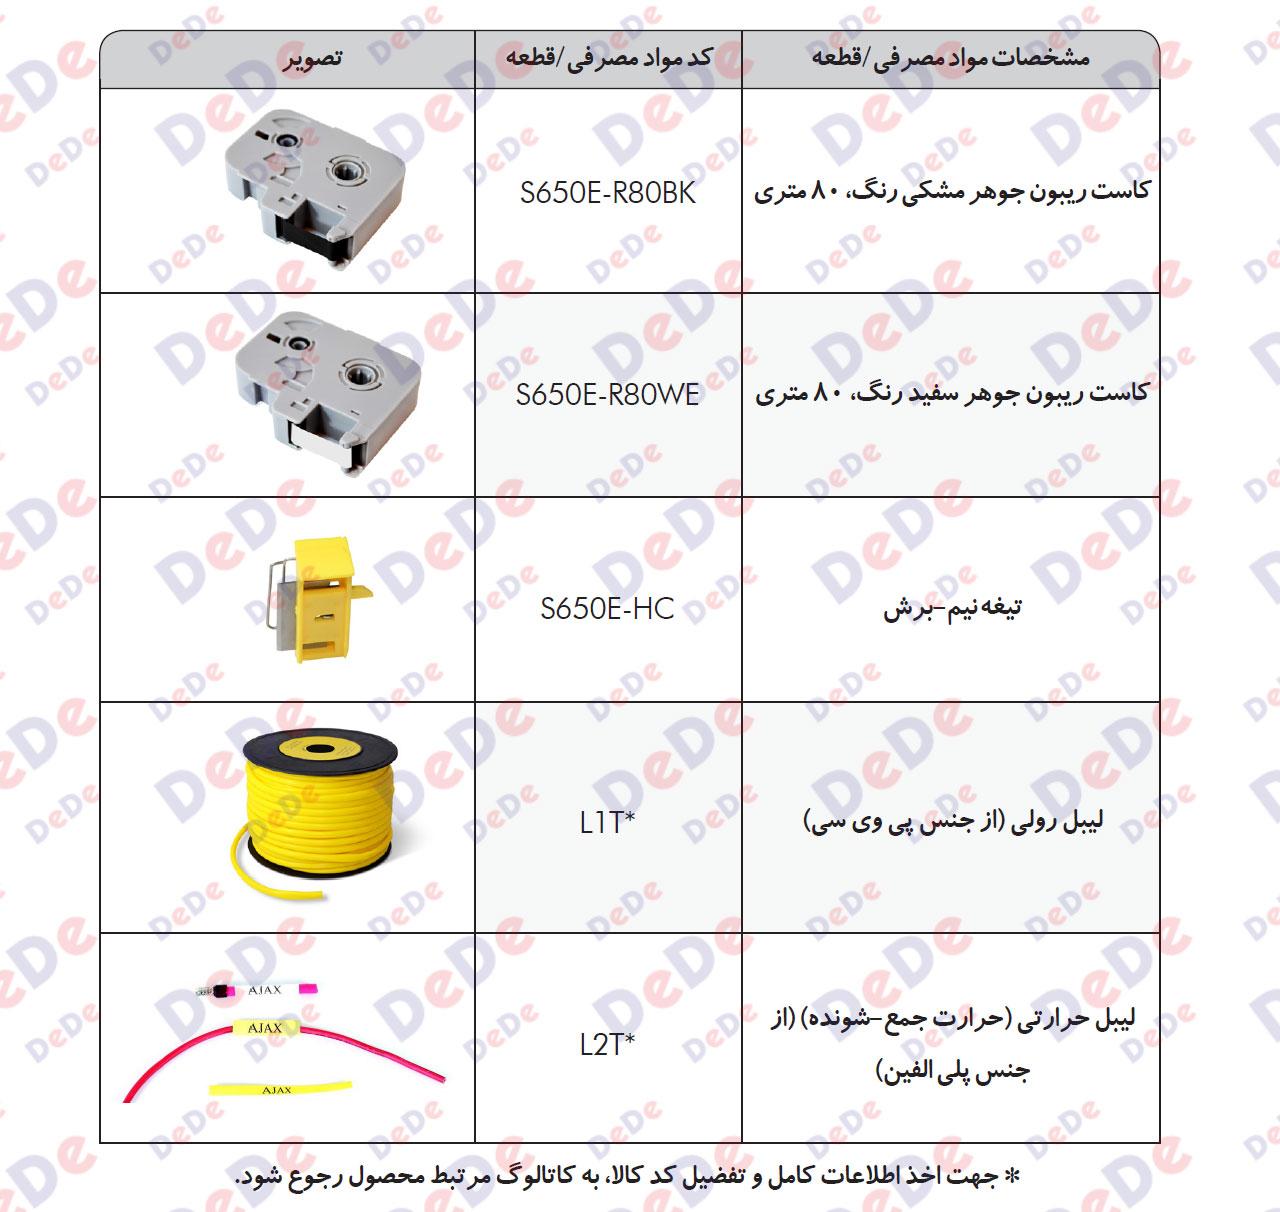 مواد مصرفی و قطعات یدکی پرینتر حرارتی